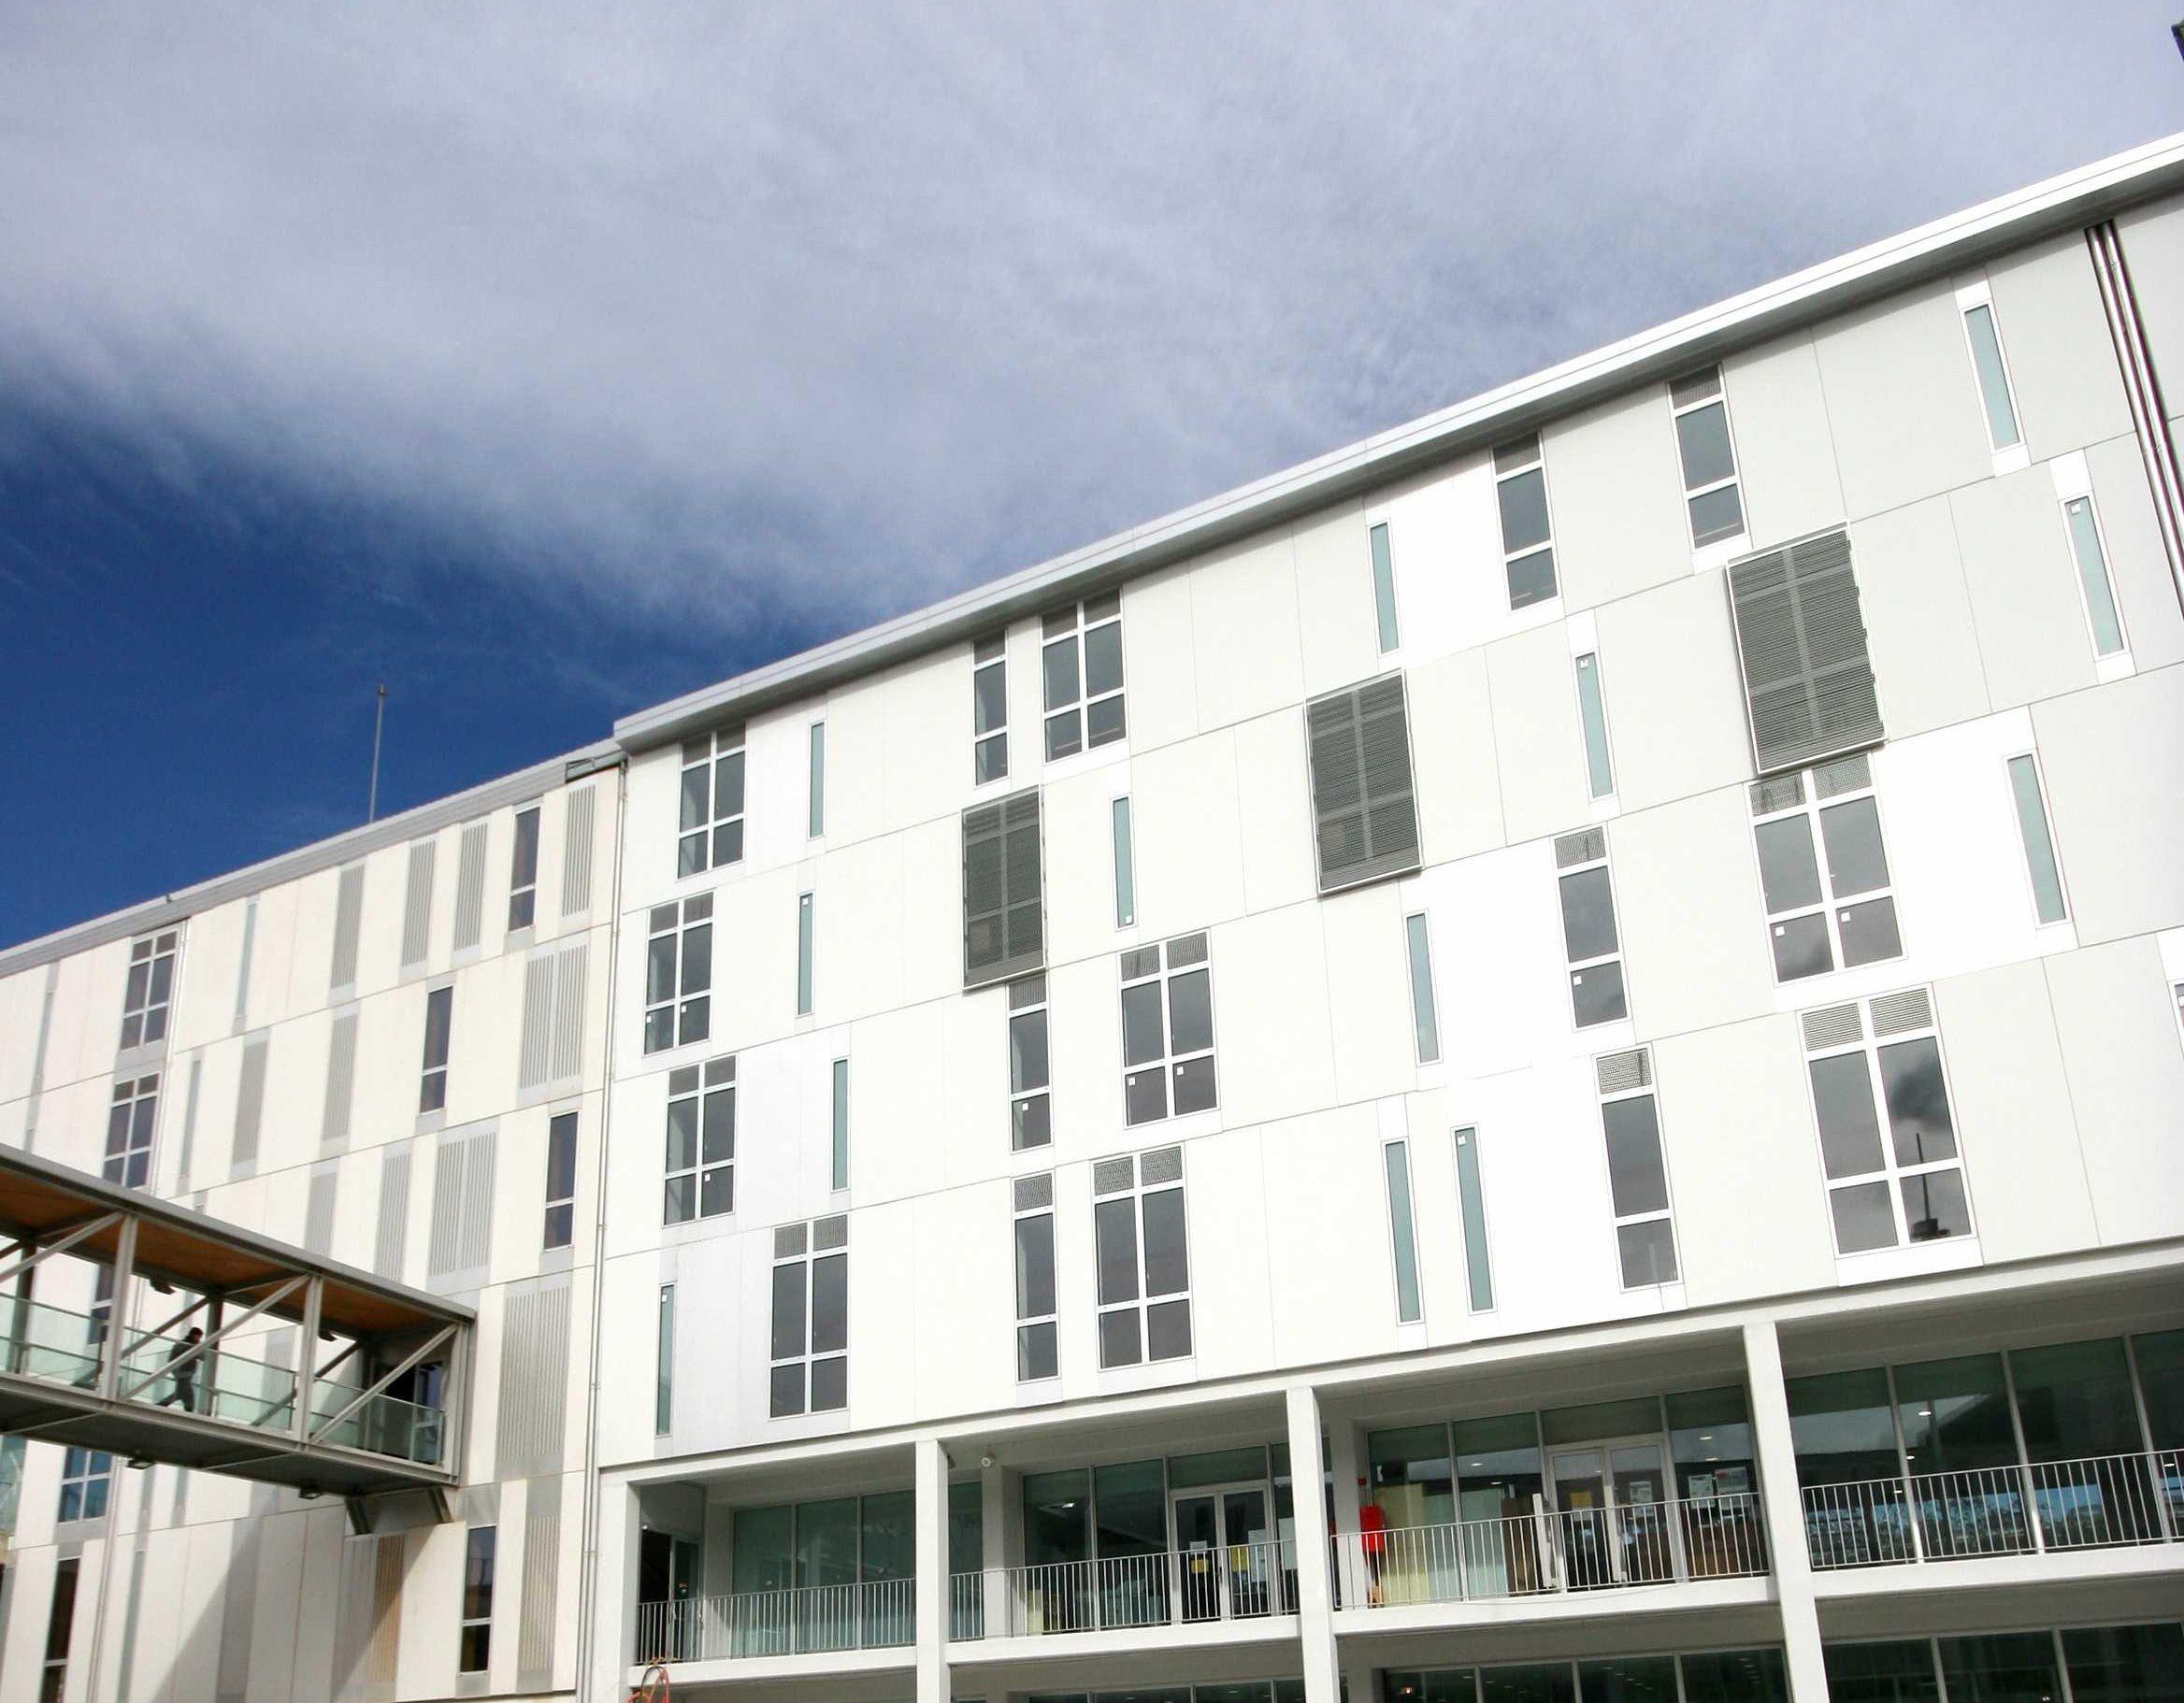 El projecte de trasllat d'Educació contempla l'ampliació de l'edifici de l'aulari del campus Catalunya.